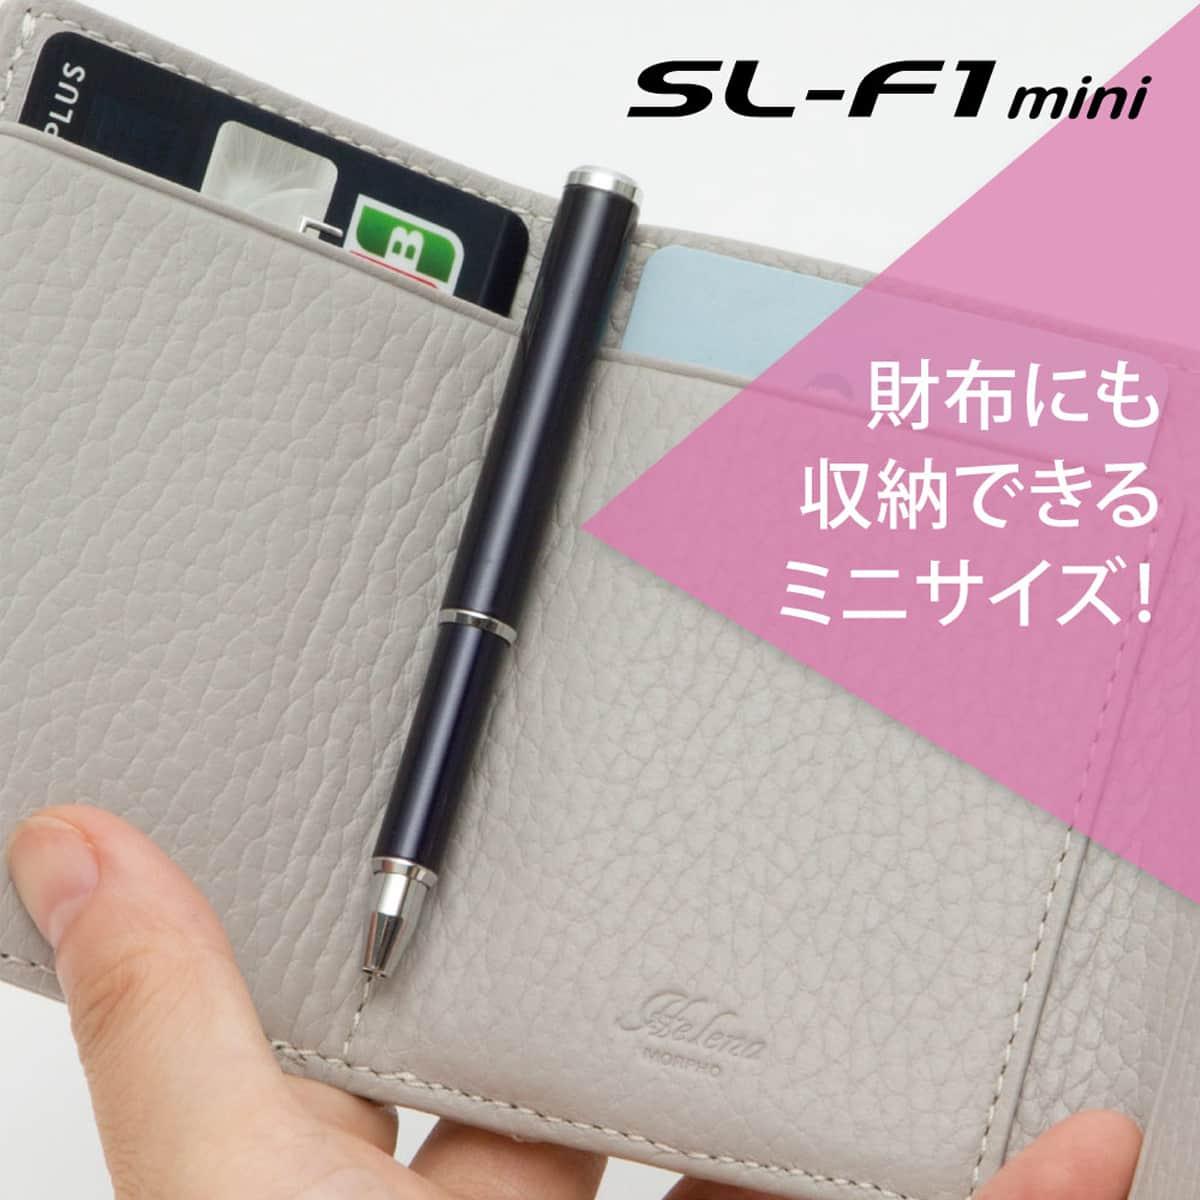 ゼブラ SL-F1 mini 油性ボールペン 0.7mm BA55